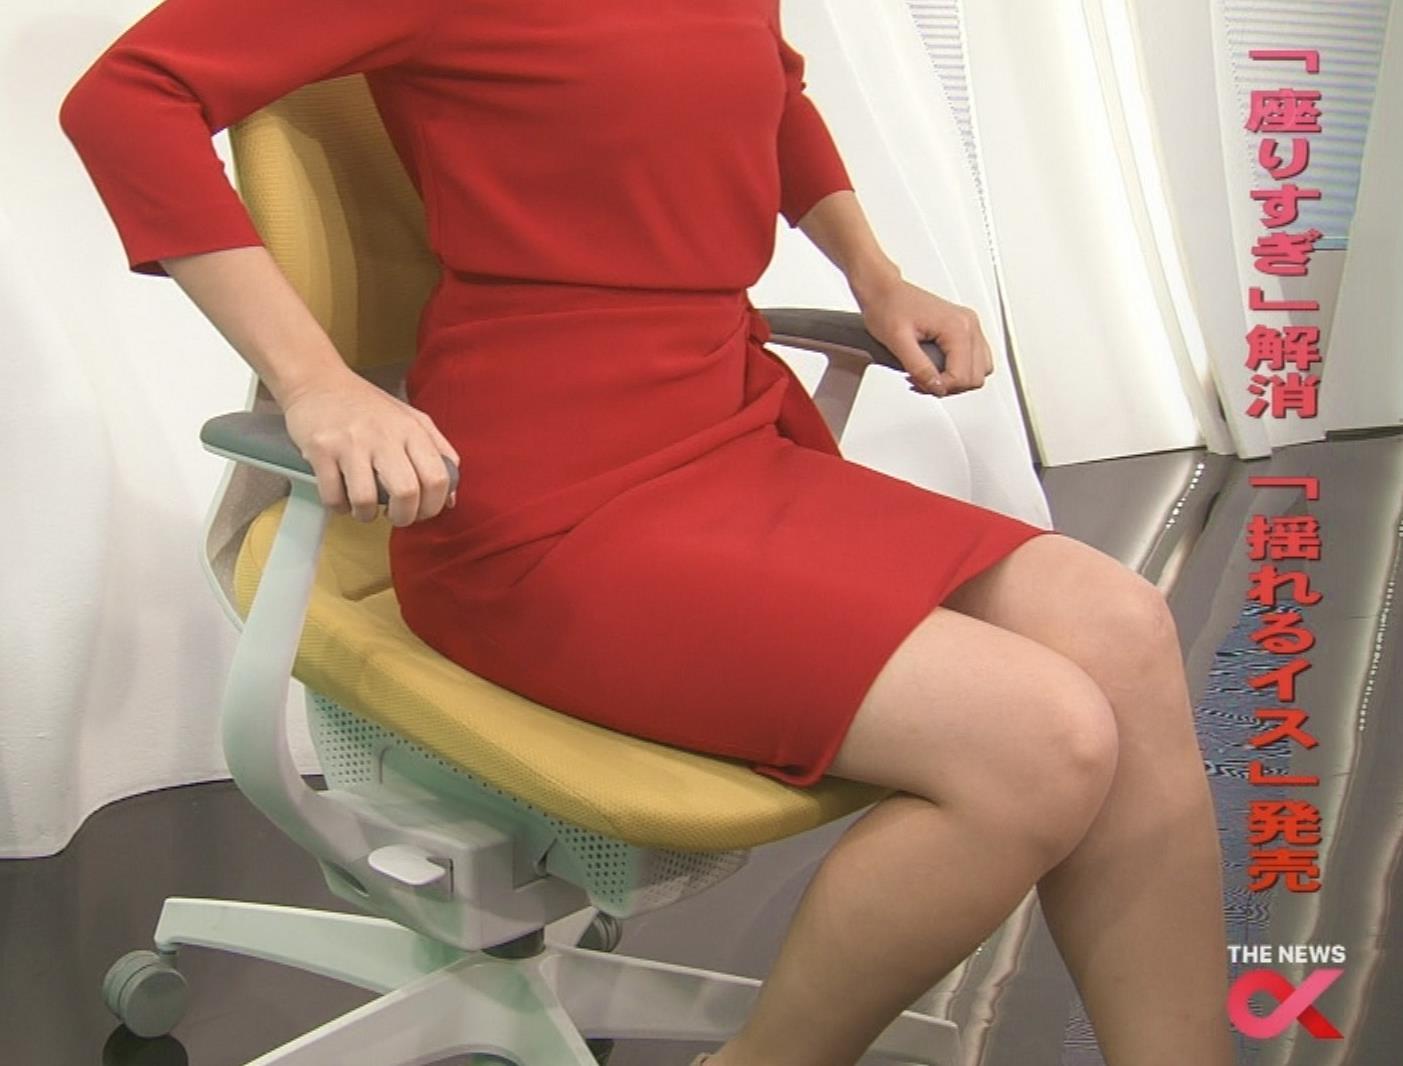 椿原慶子 ミニスカタイトスカートで太もも美脚をズームで放送されるキャプ画像(エロ・アイコラ画像)